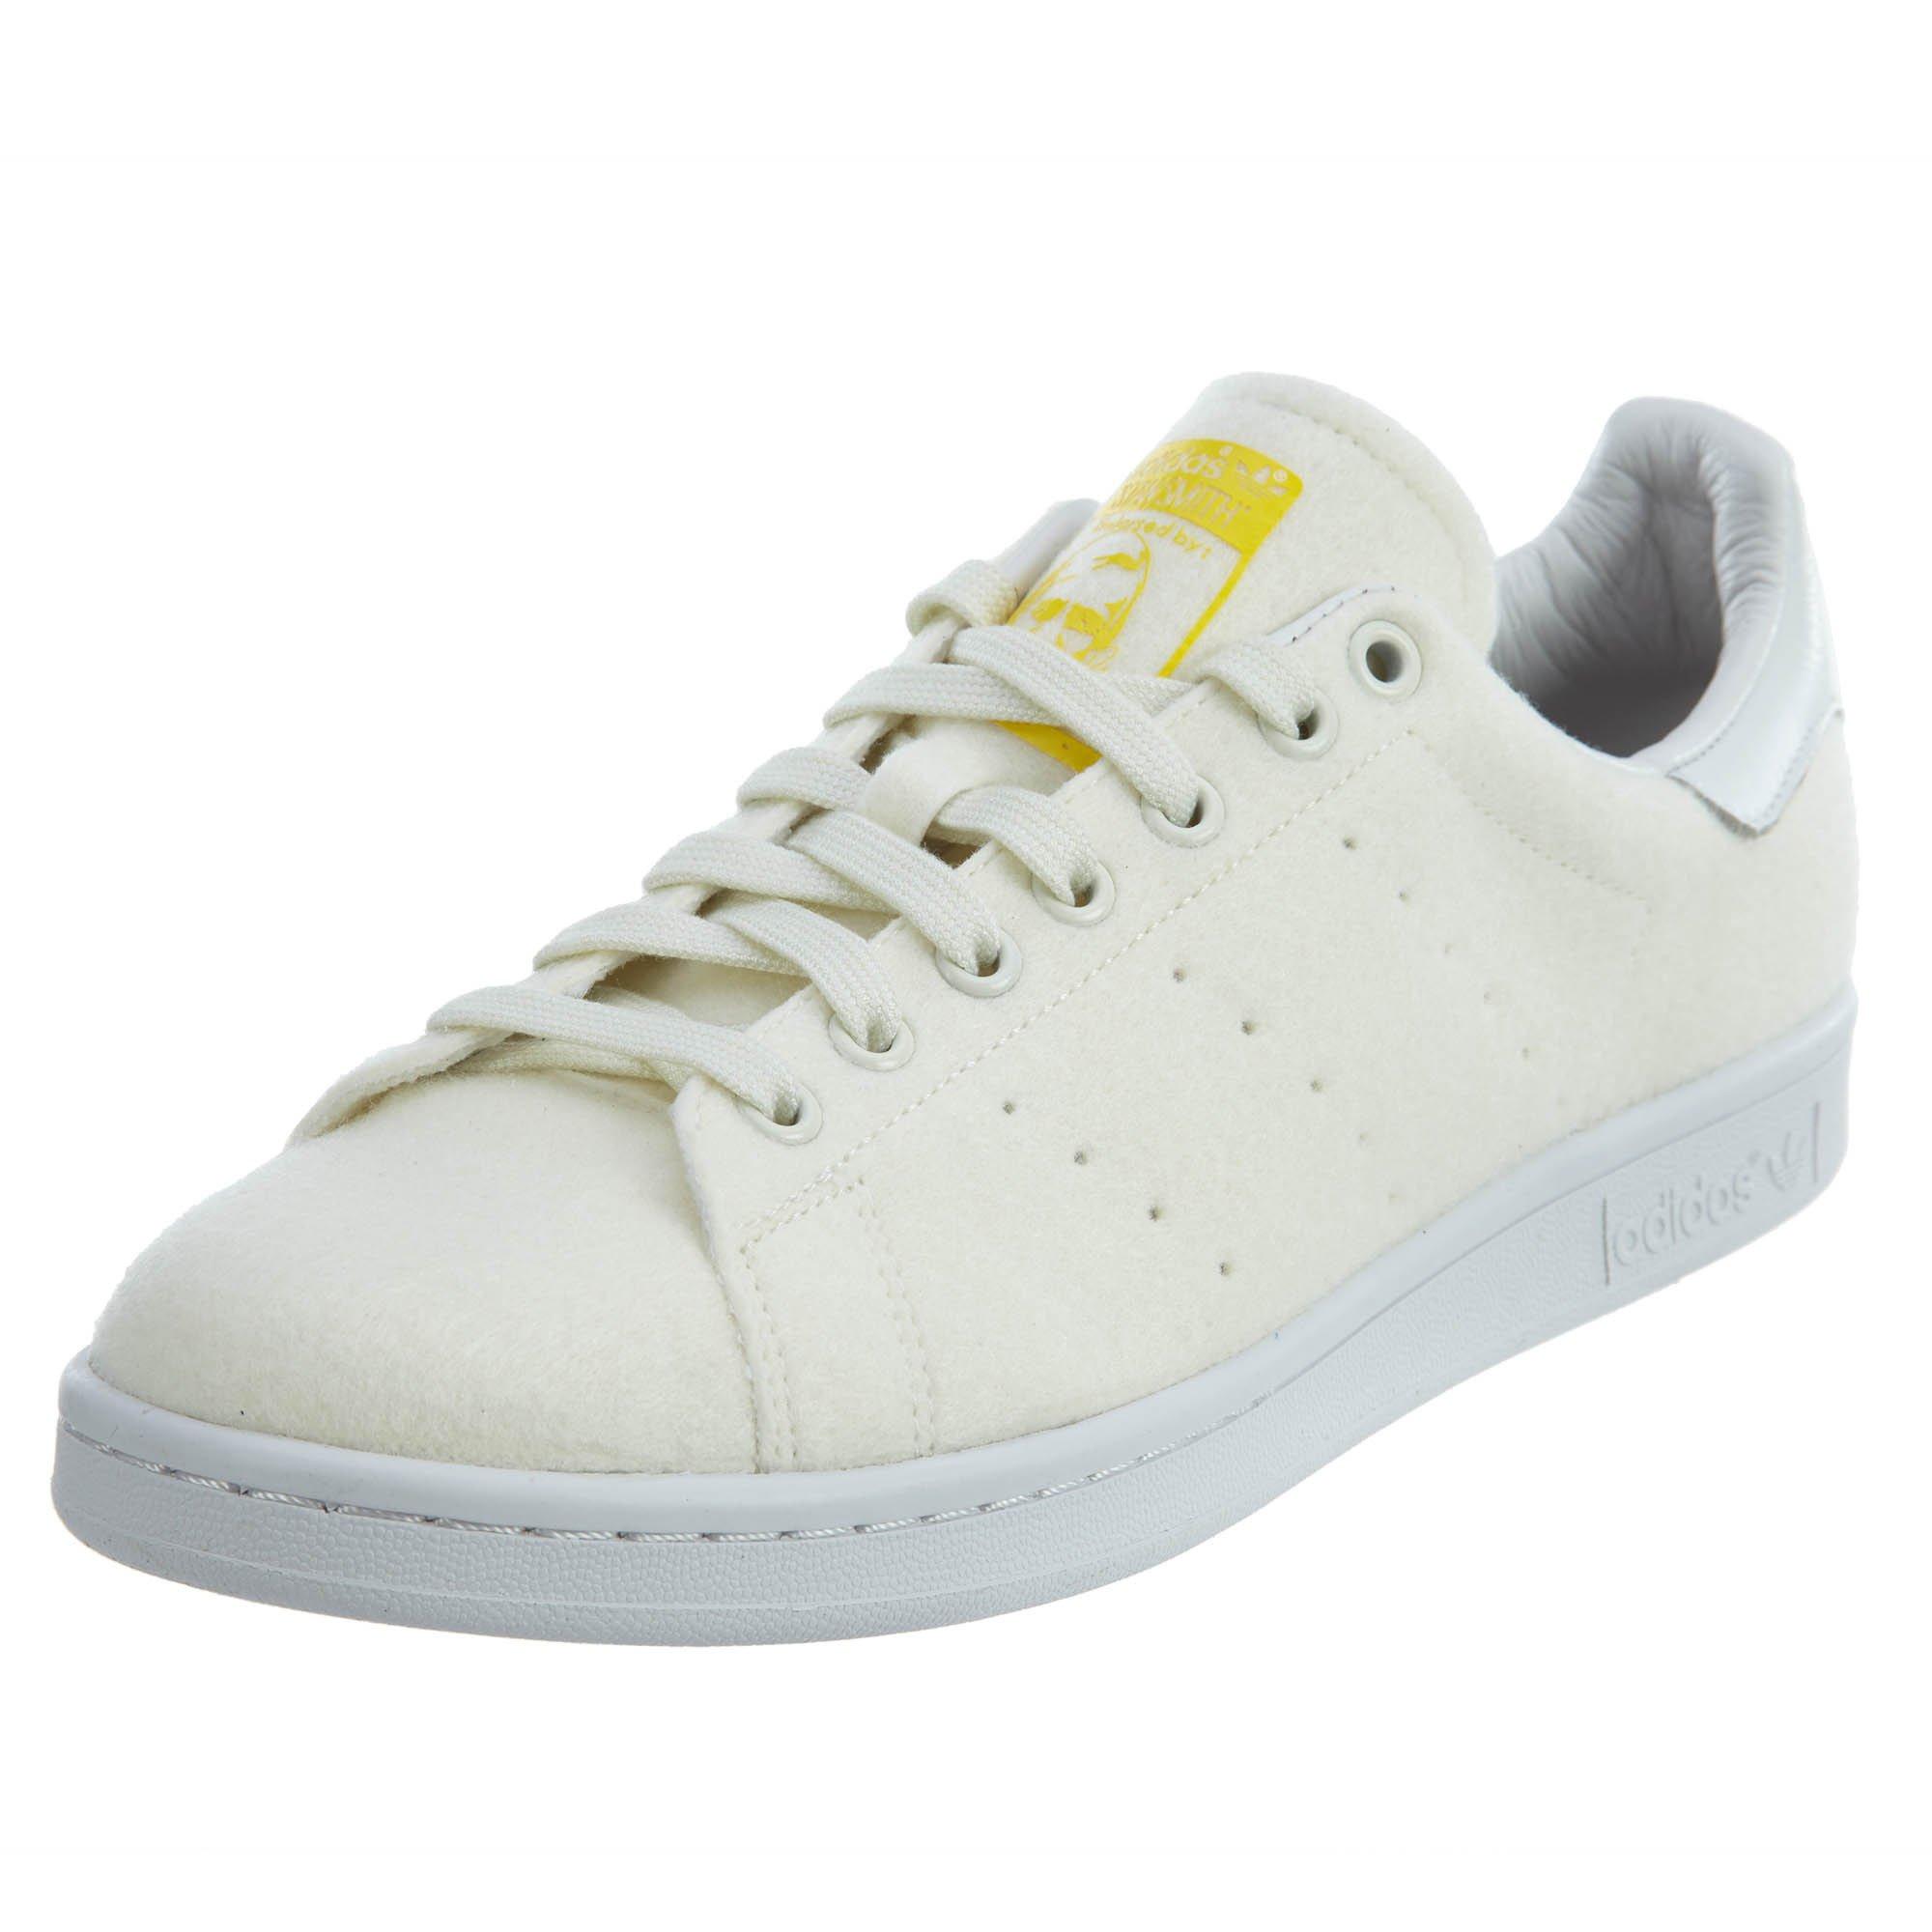 adidas Mens PW Stan Smith Tennis Neo WhiteOff White Fabric Size 10 Athletic Sneakers  Schlussverkauf